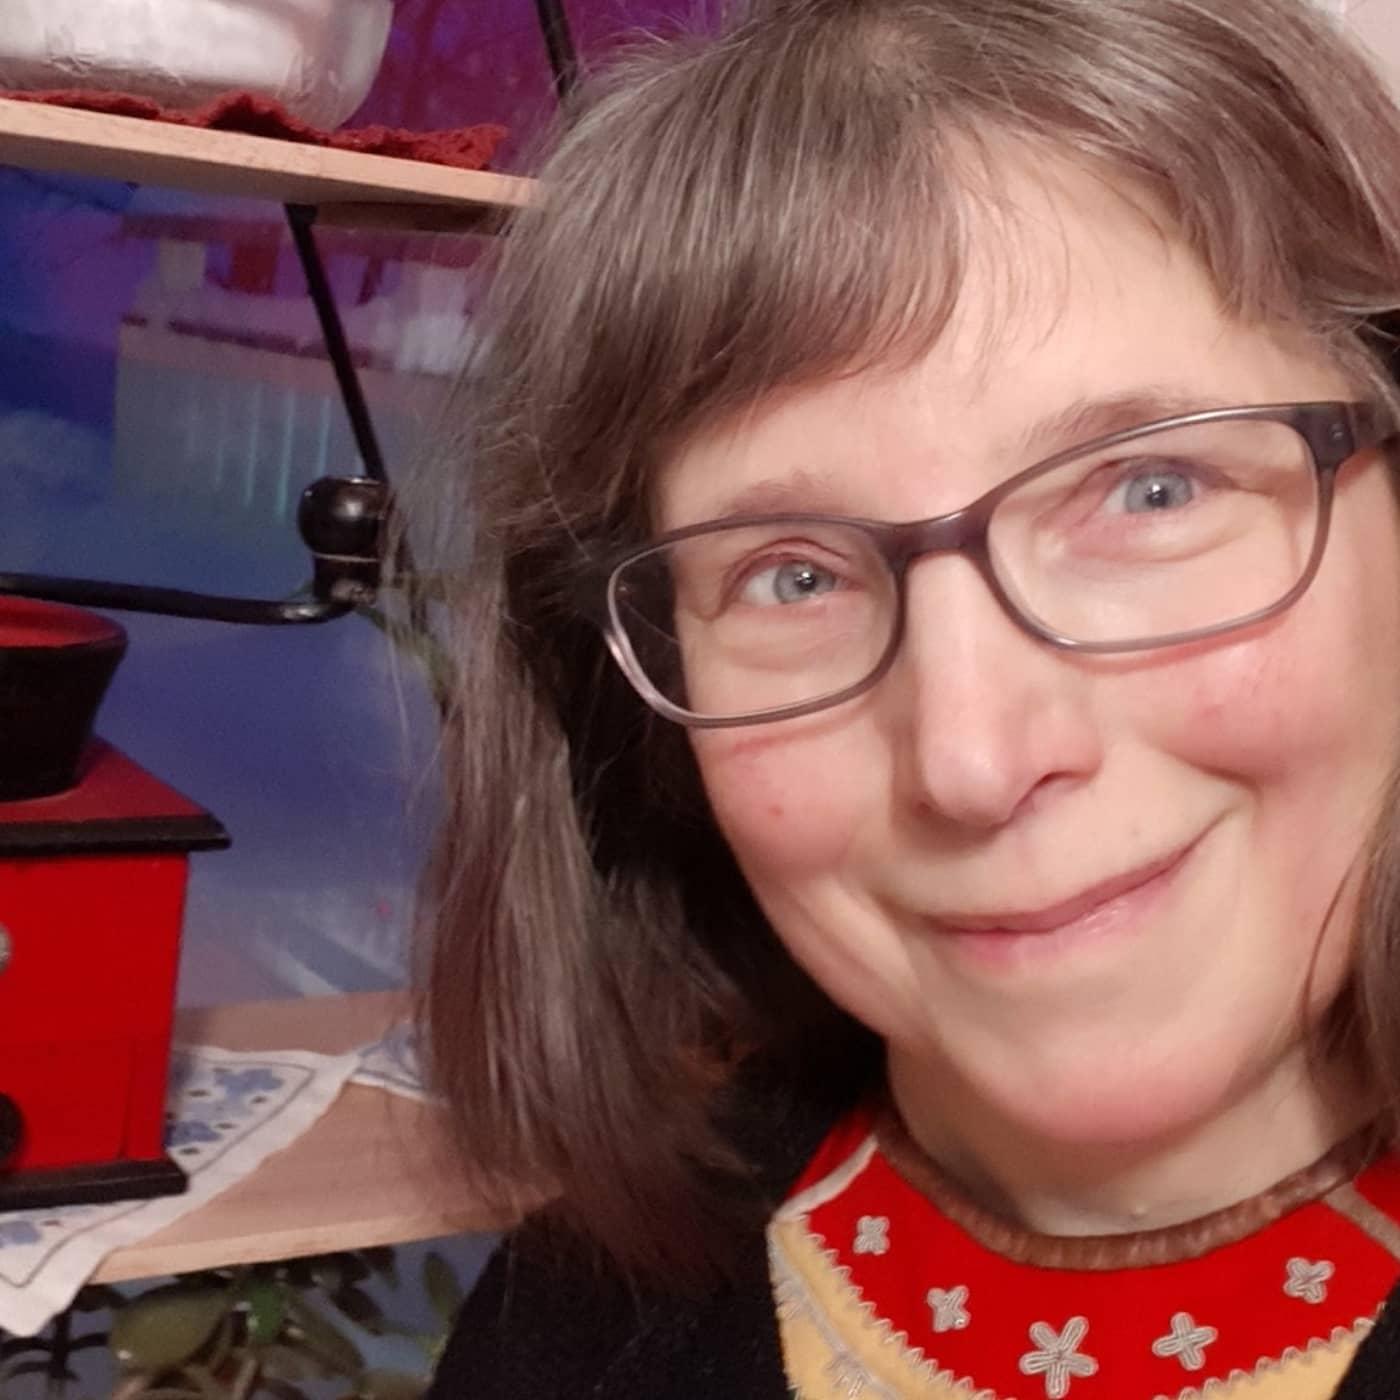 Lena Maria Nilsson jämför samisk kost med medelhavsmat (R)